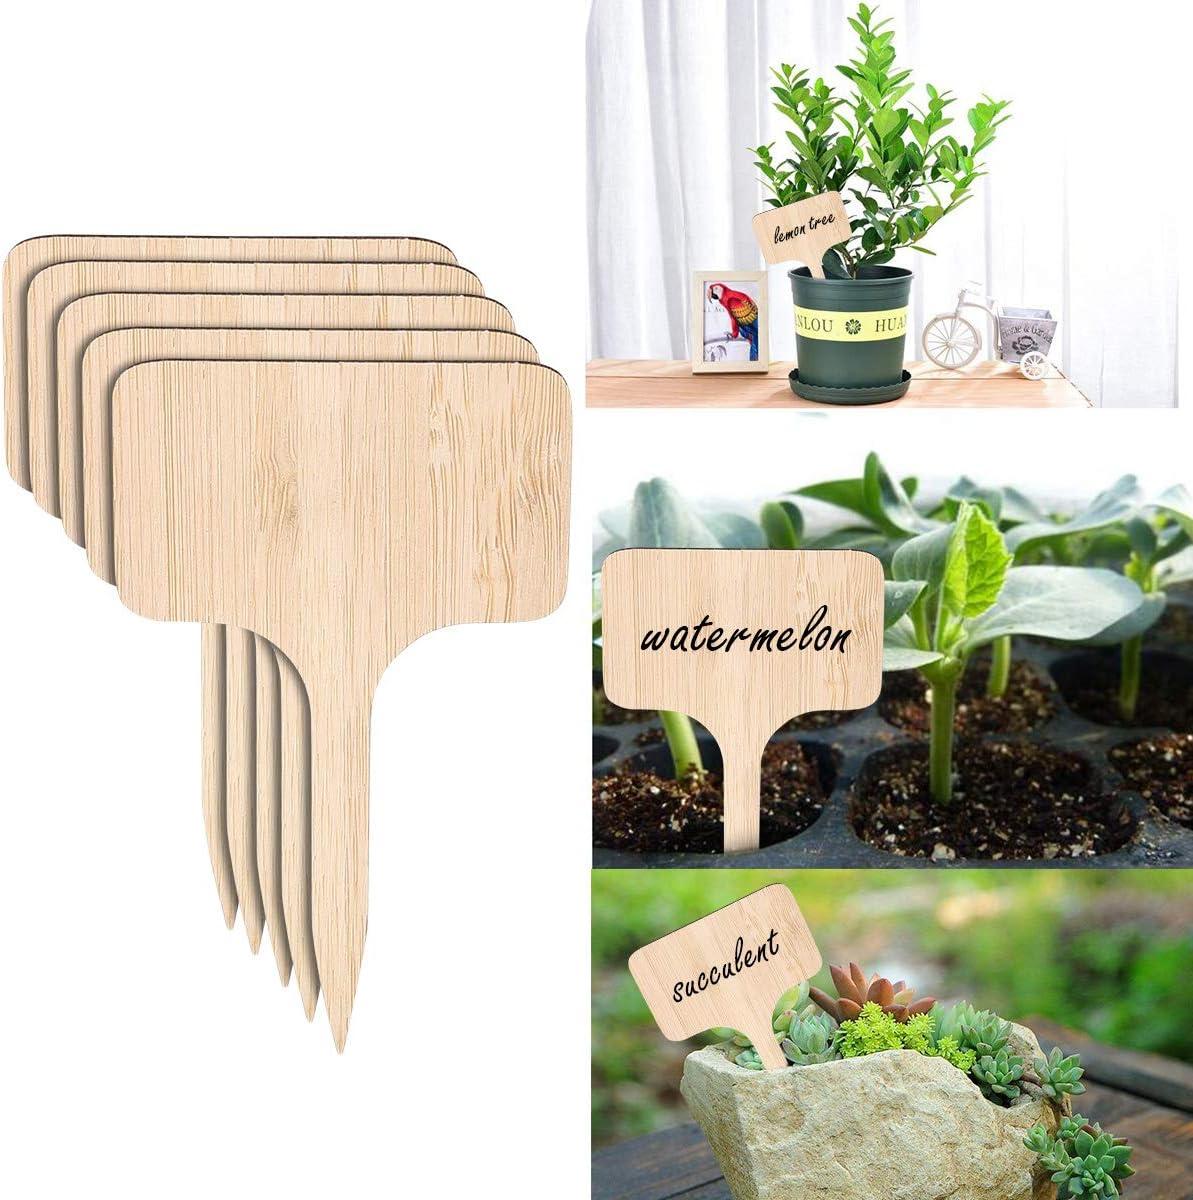 Josopa 50Pcs /Étiquettes de Plantes de Bambou avec Bonus Un Stylo Marqueur Marqueurs de Jardin Potager /Étiquettes de Plantes pour Graines en Pot Herbes Fleurs L/égumes